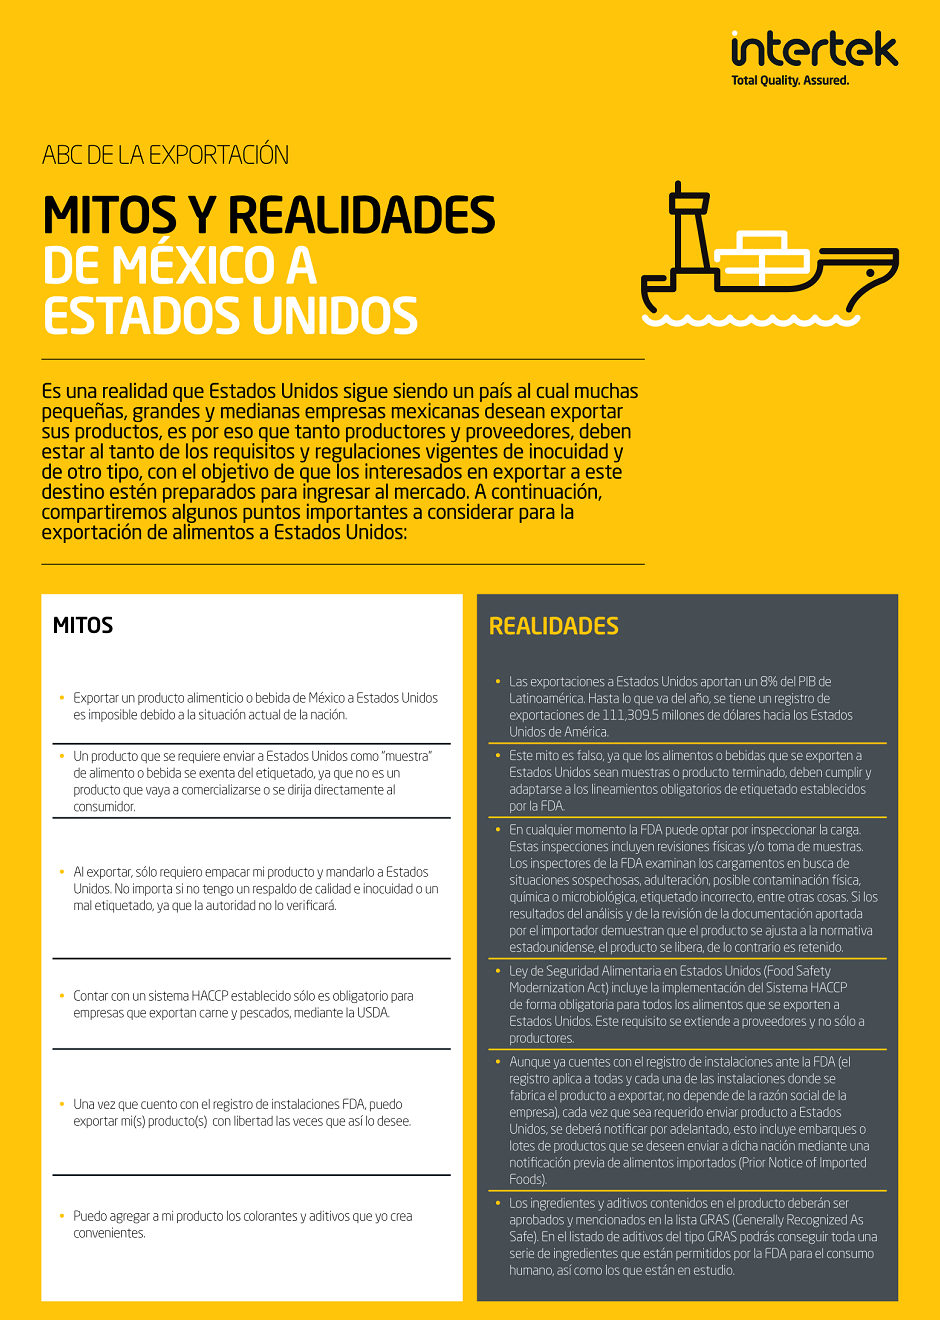 NL_FS_Mitos_Realidades_ESP_06102018-1